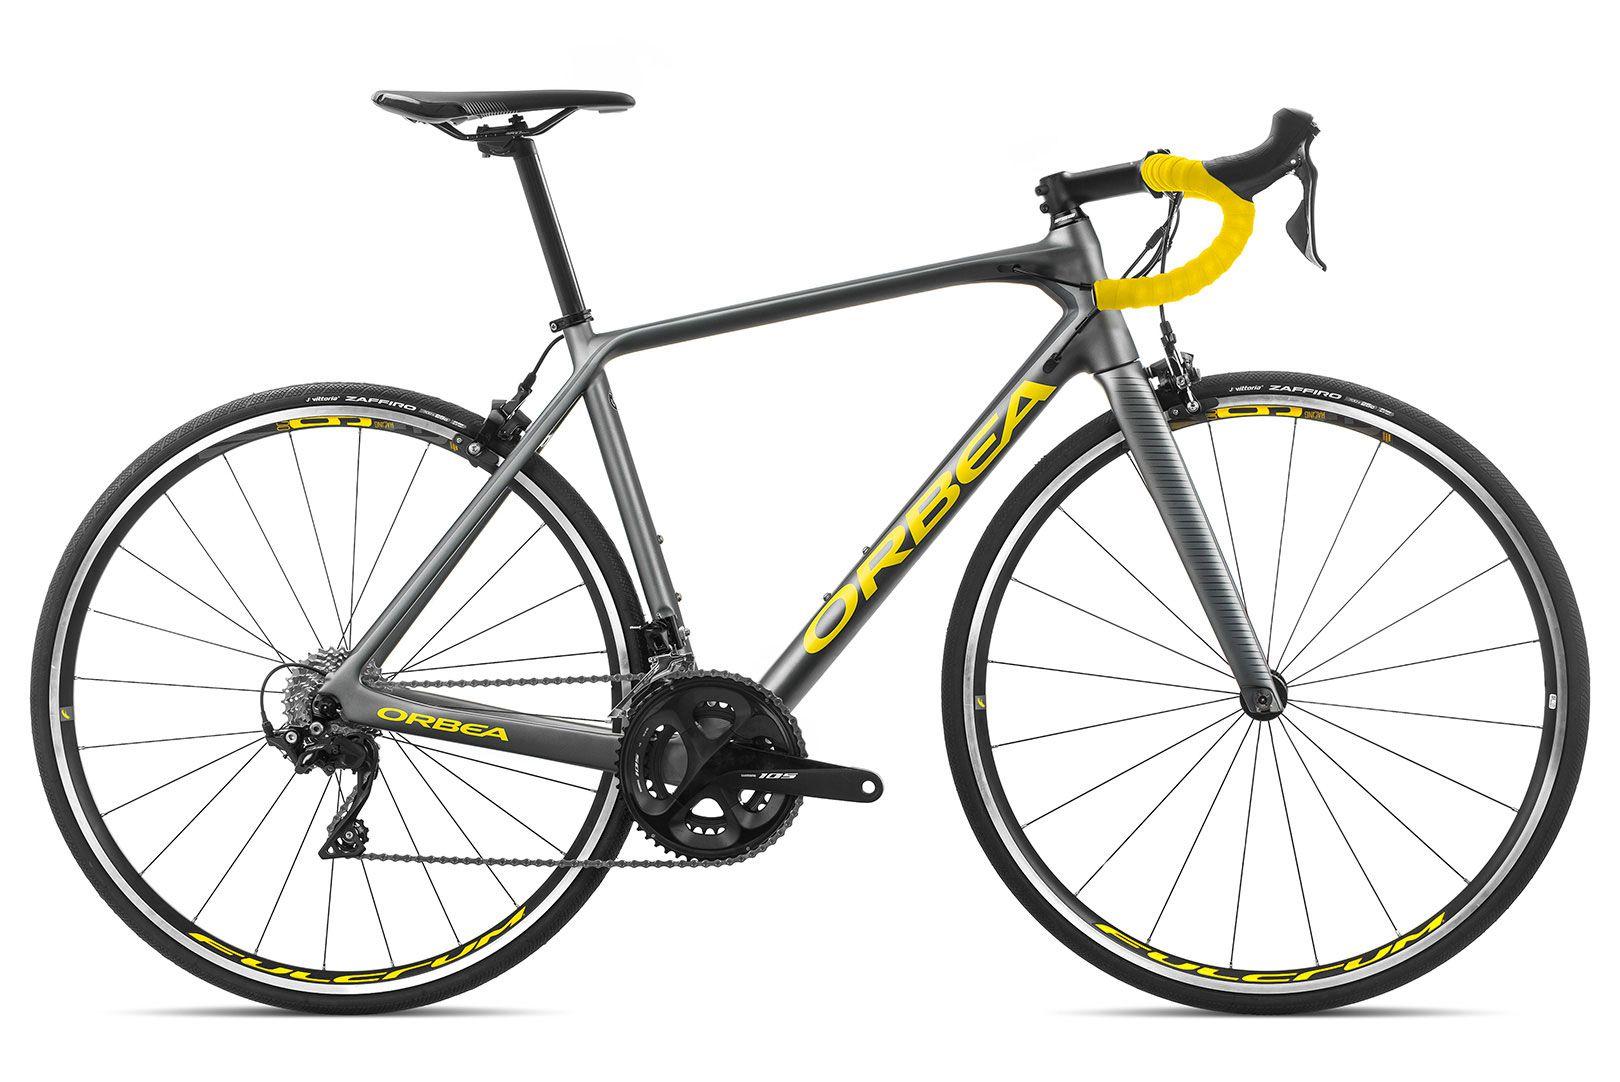 Bicicleta estrada Orbea Orca M30 Tam 55 Grafite/Amarelo - 2020